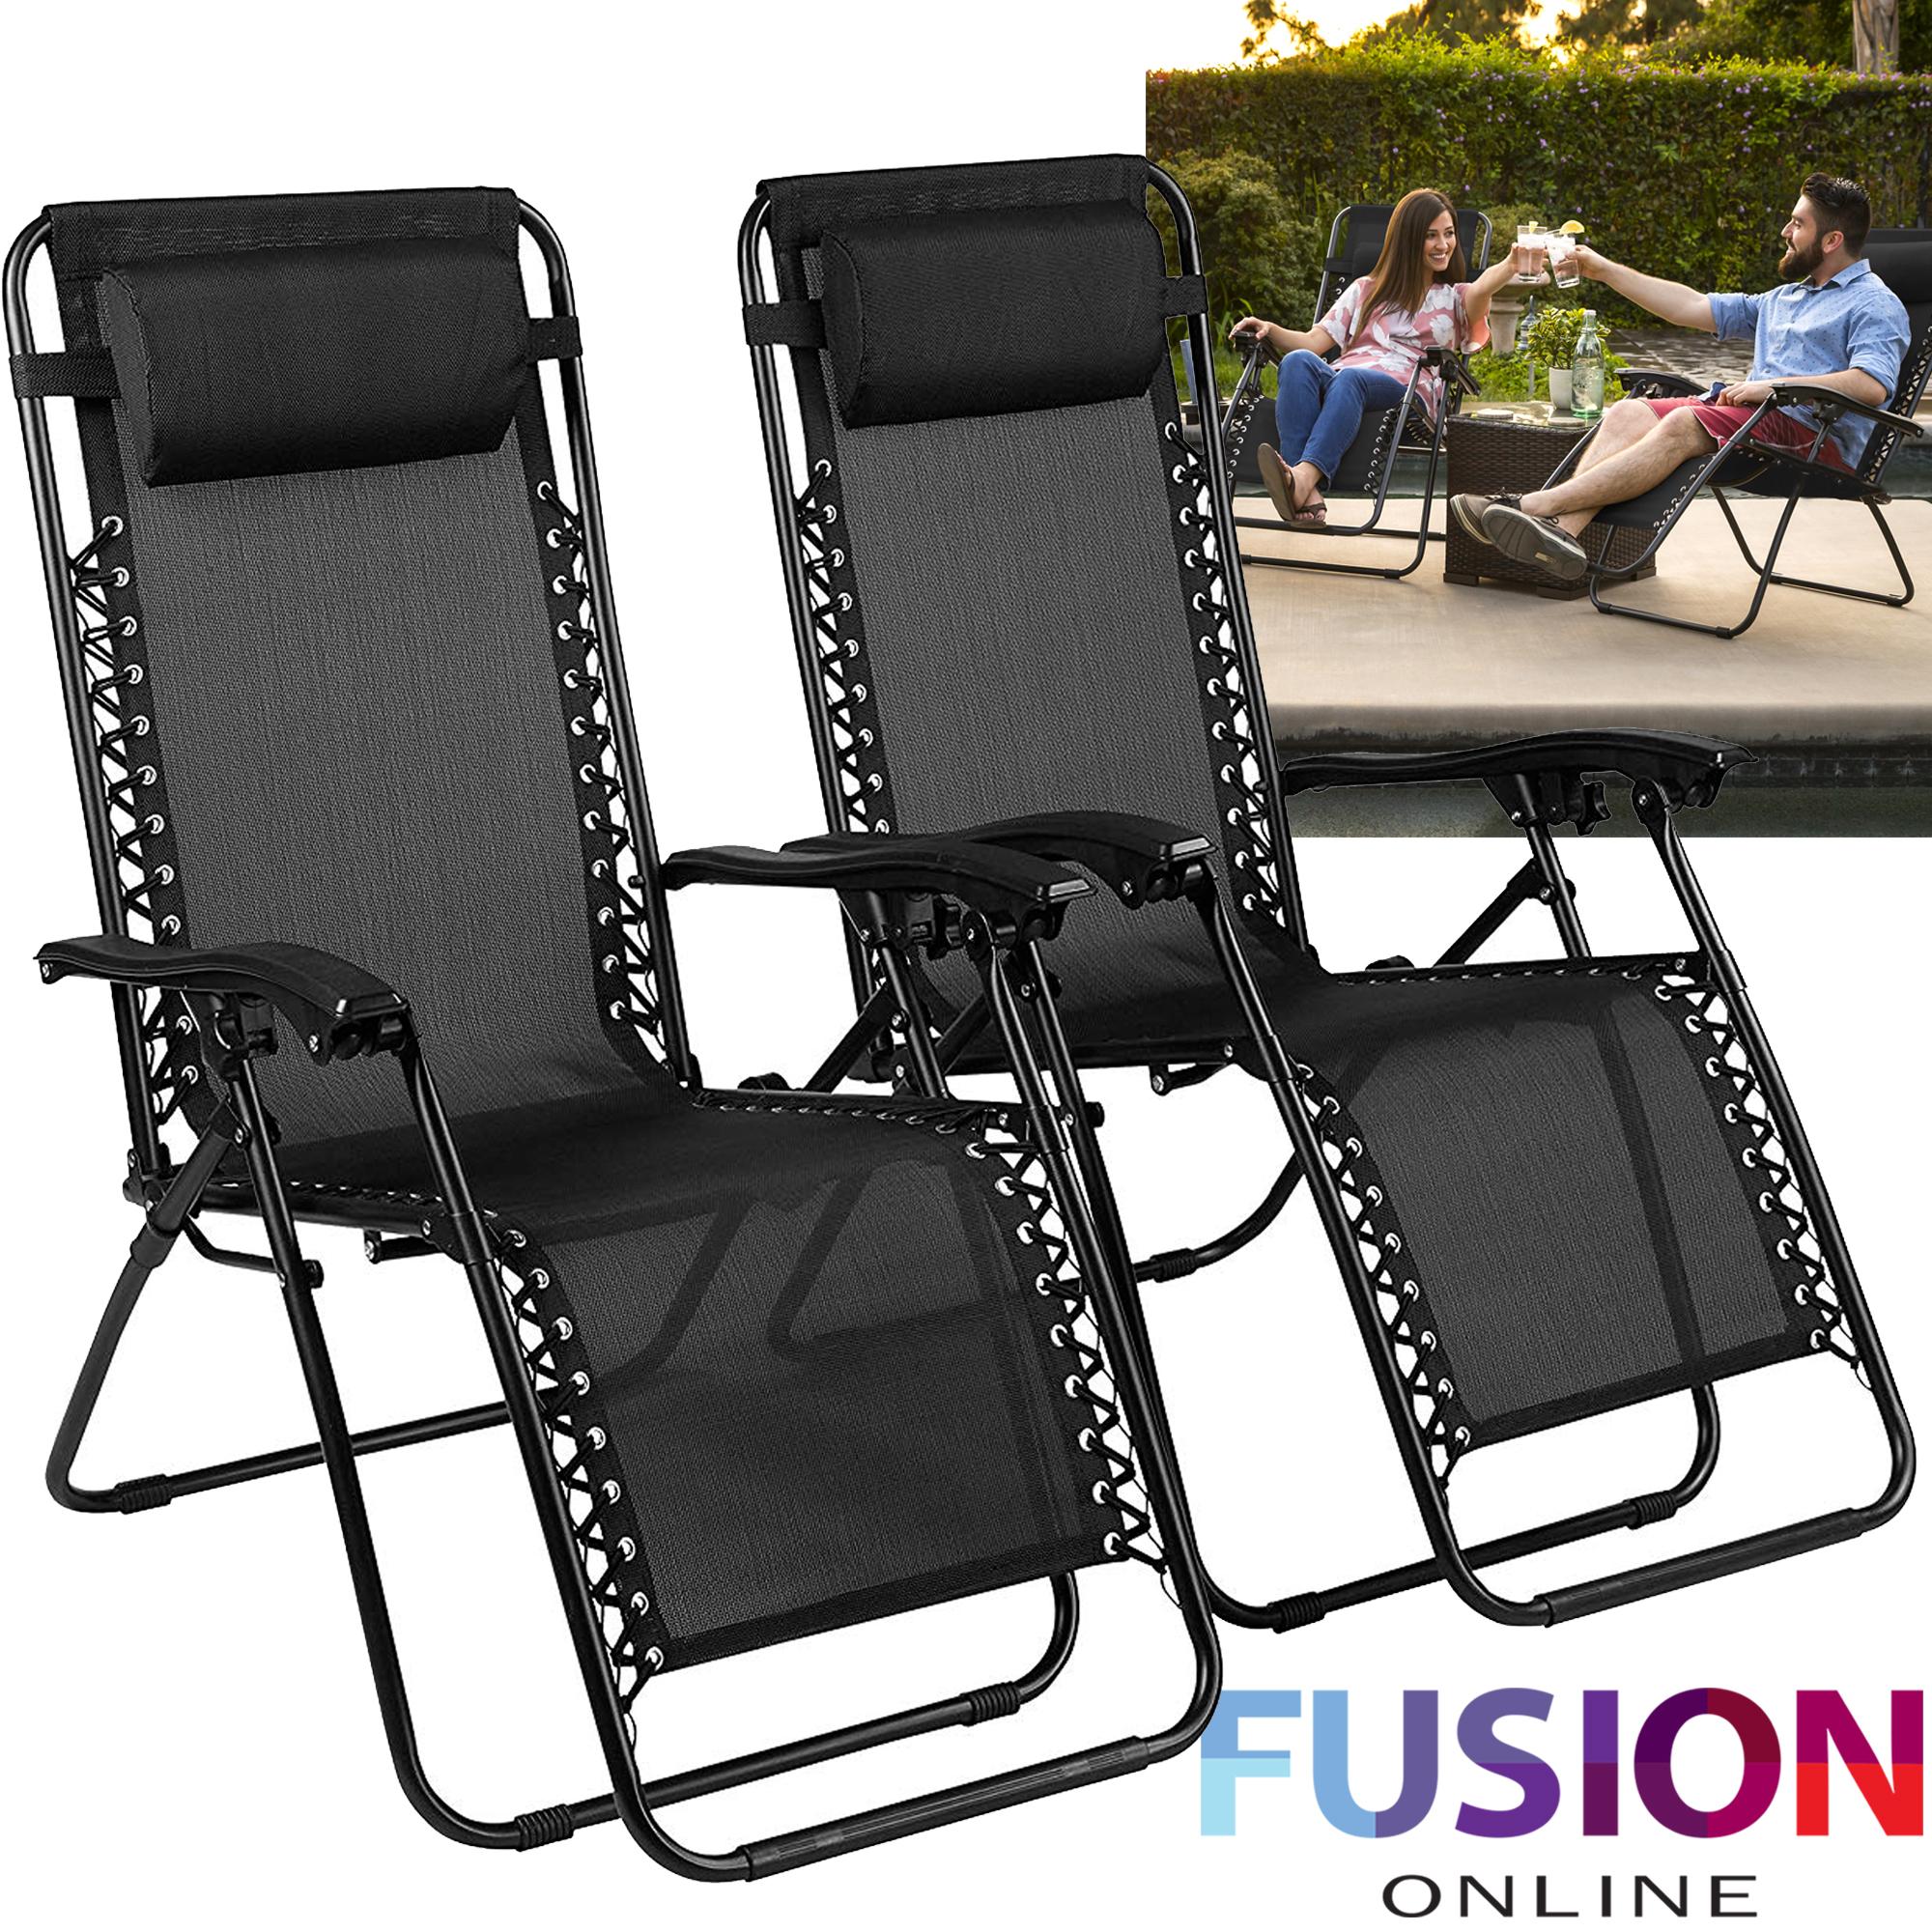 Details about Zero Gravity Chair Sun Lounger Outdoor Garden Folding Reclining Adjustable x 2